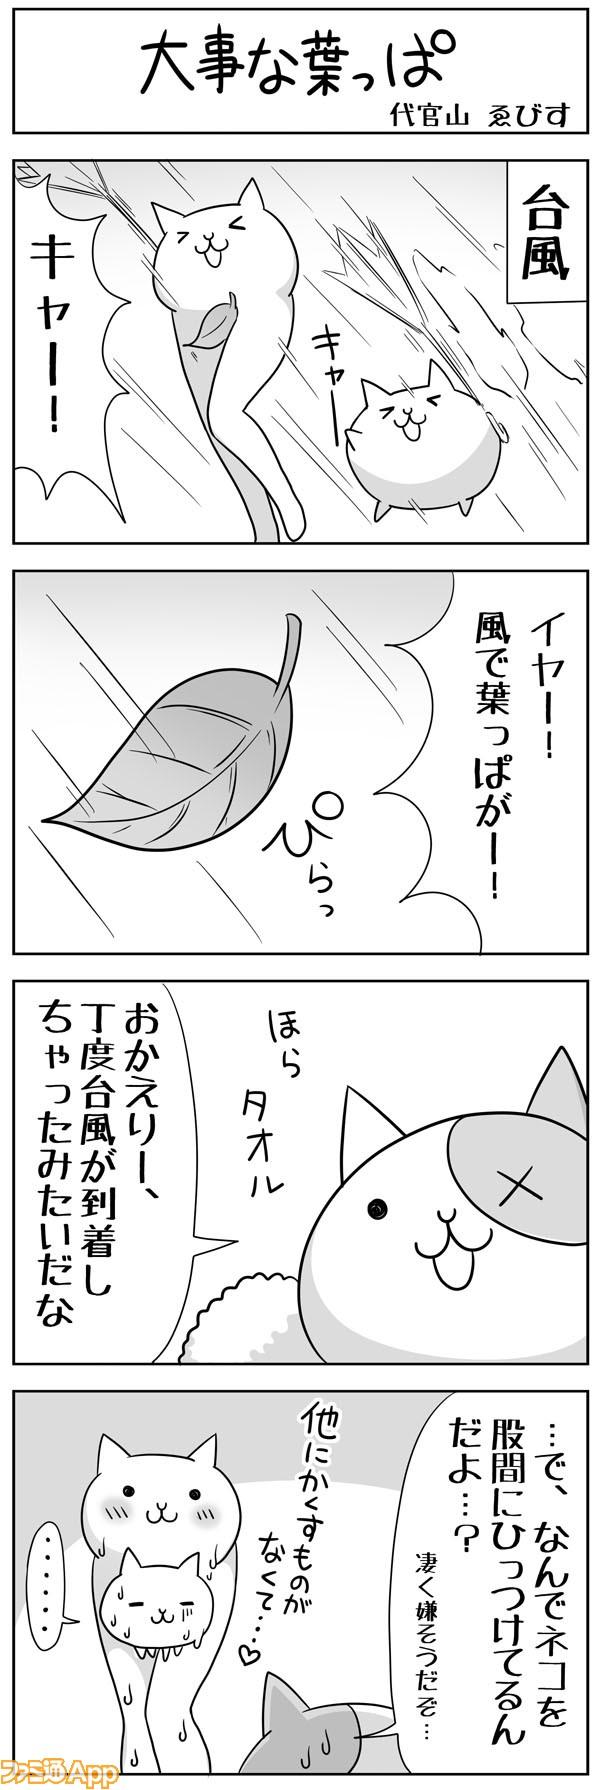 01daik_063